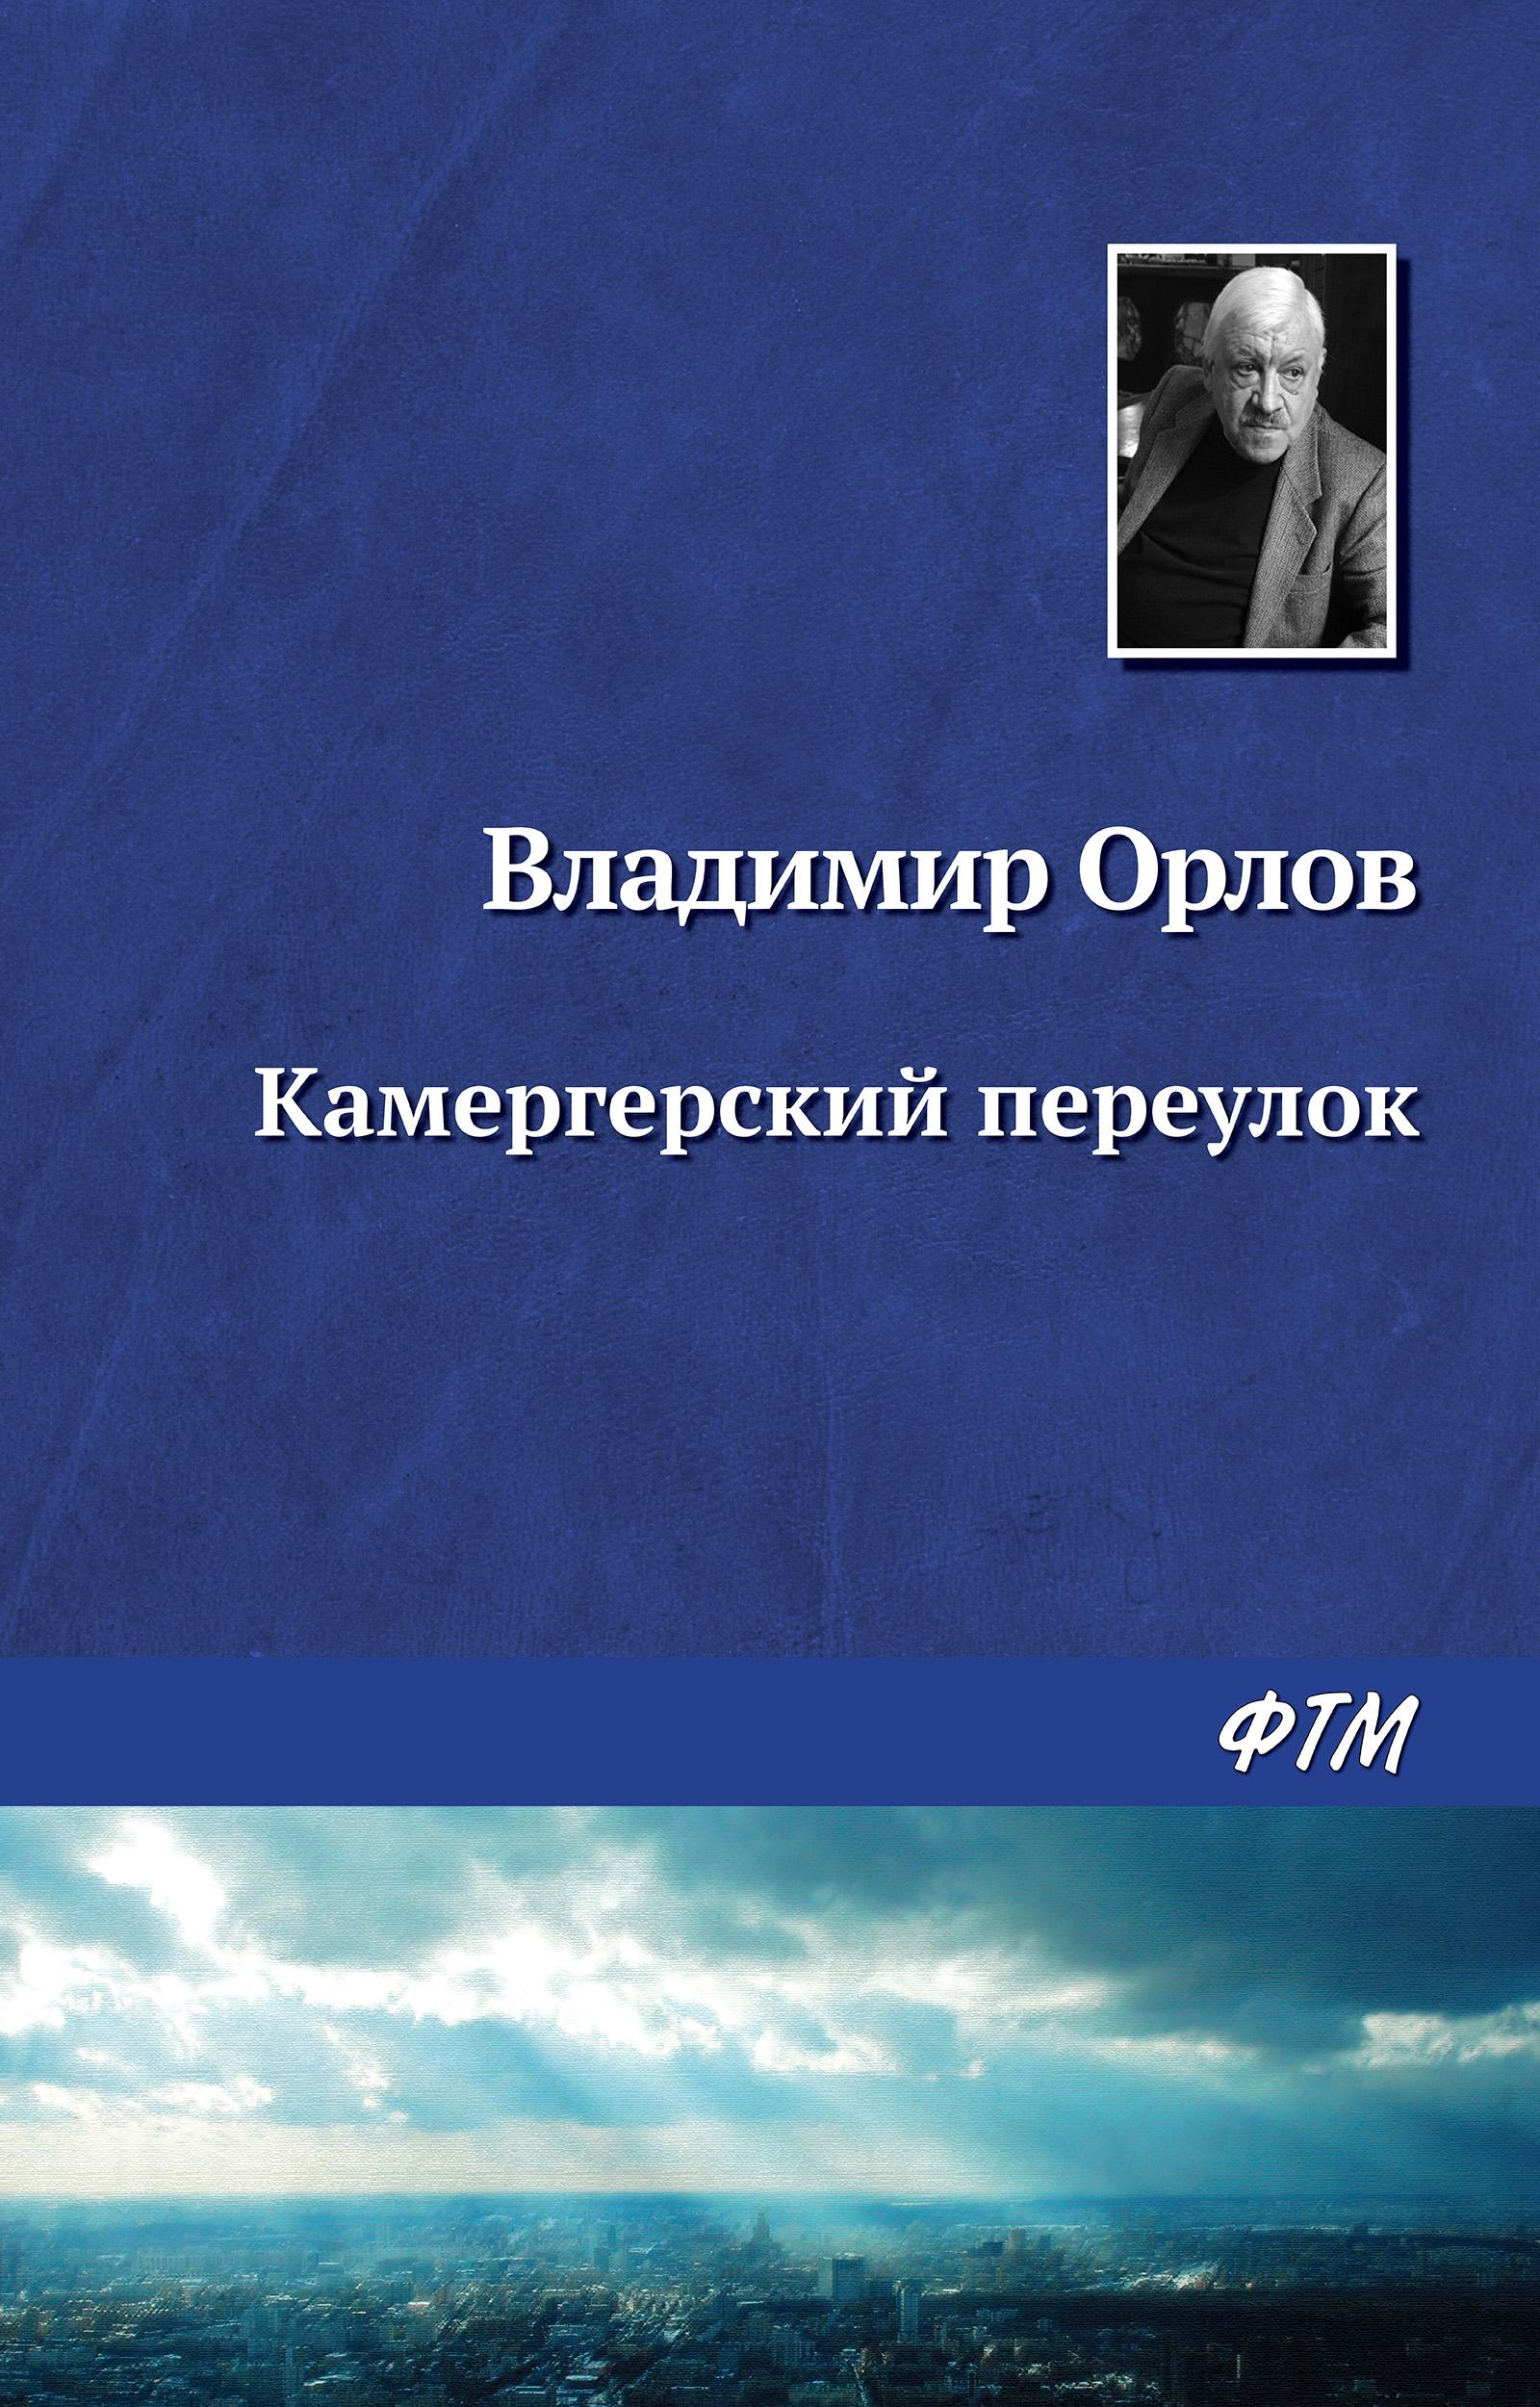 Владимир Орлов «Камергерский переулок»